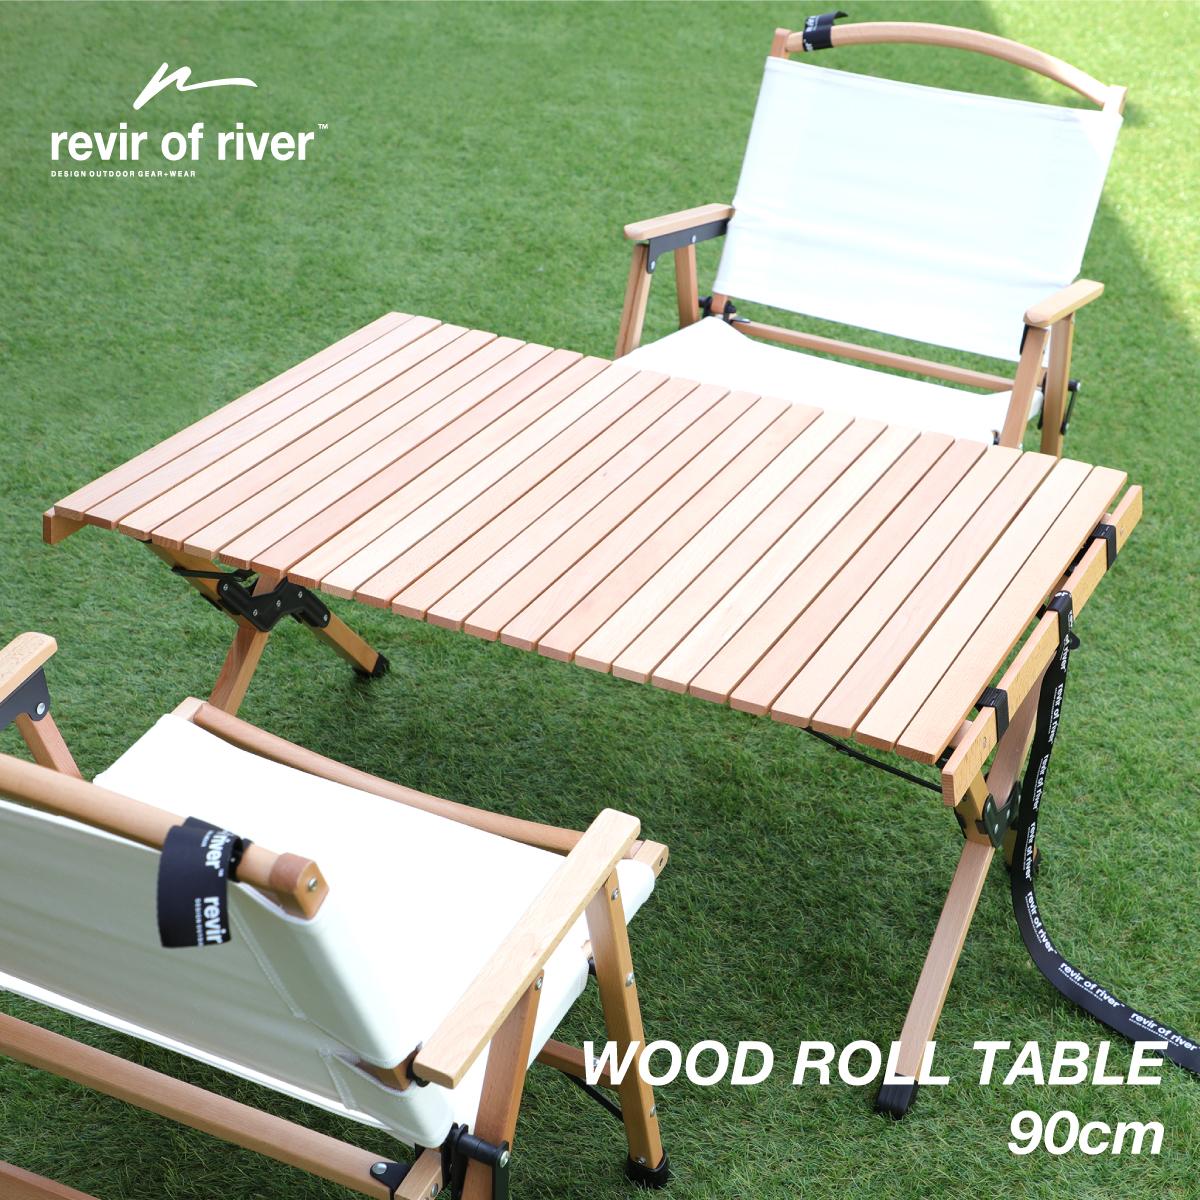 アウトドア テーブル revir of river ウッドロールテーブル 90cm 収納バッグ付き 折りたたみ 木製 キャンプ 用品 グッズ ダイニングテーブル アンティーク風テーブル 食卓 カフェテーブル 机 おしゃれ 家具